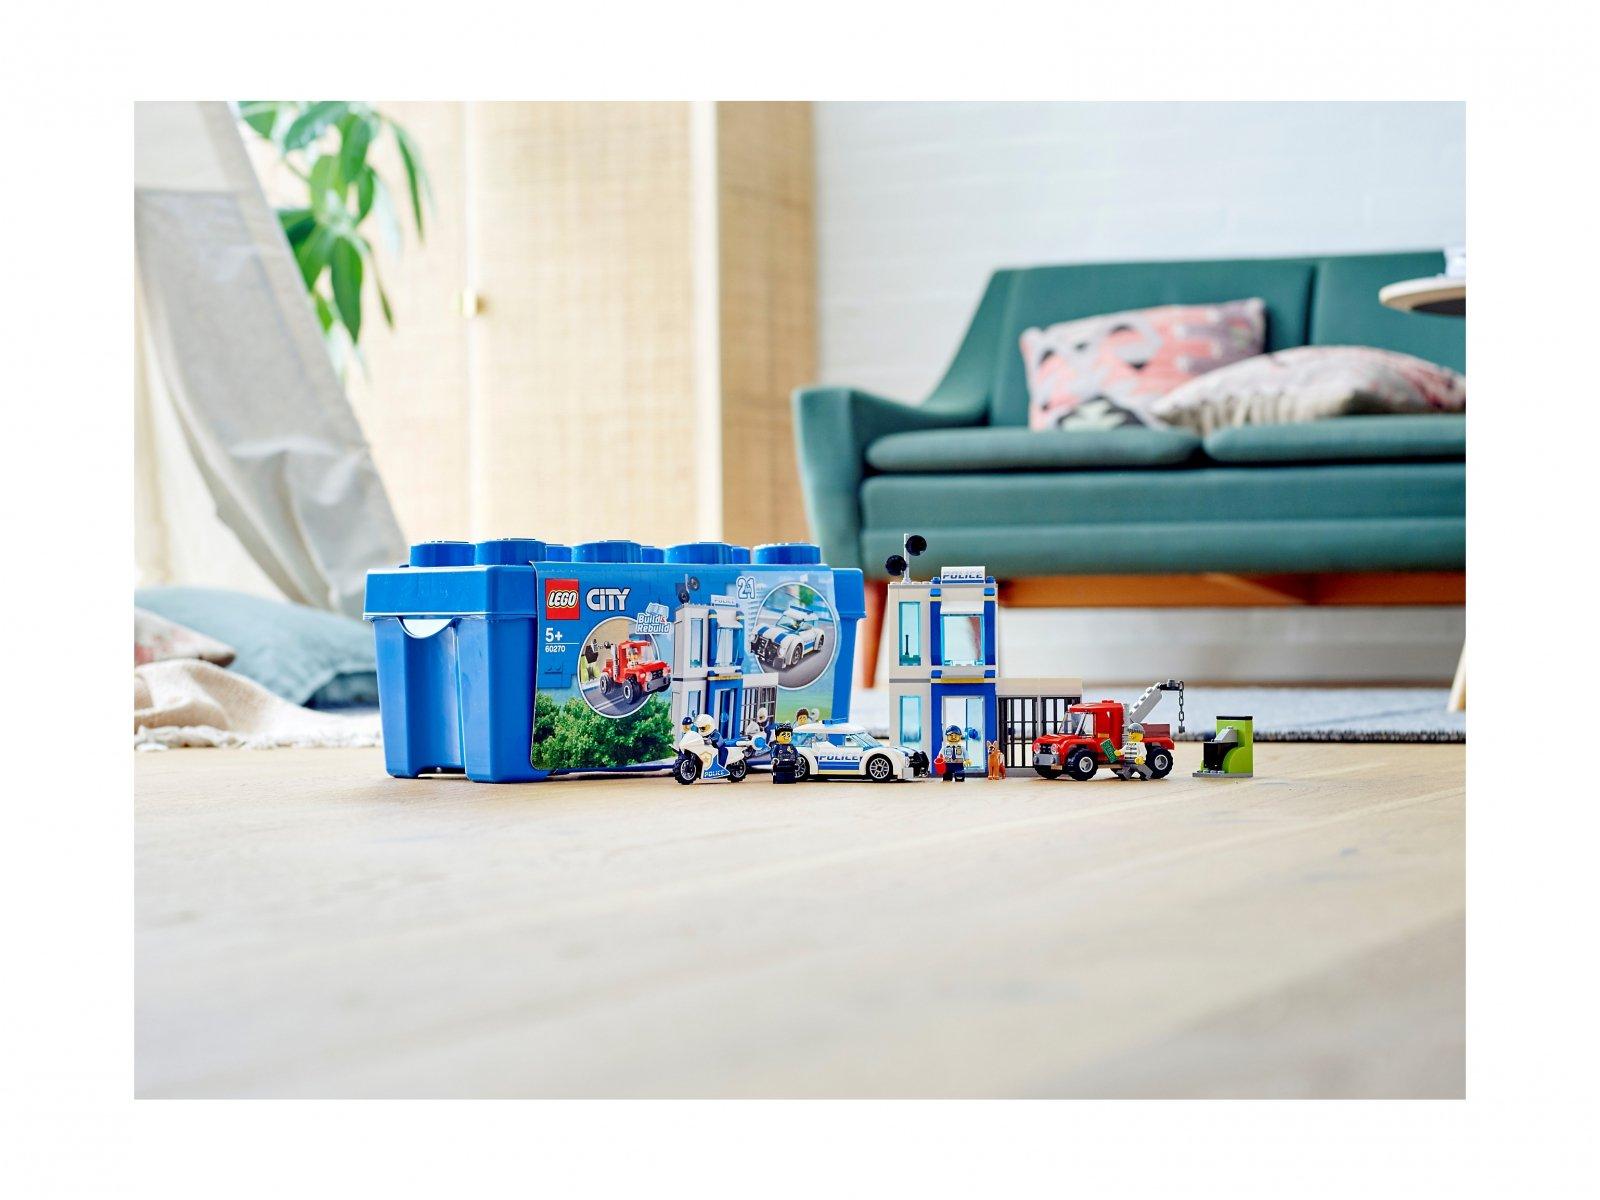 LEGO City Policyjny zestaw klocków 60270